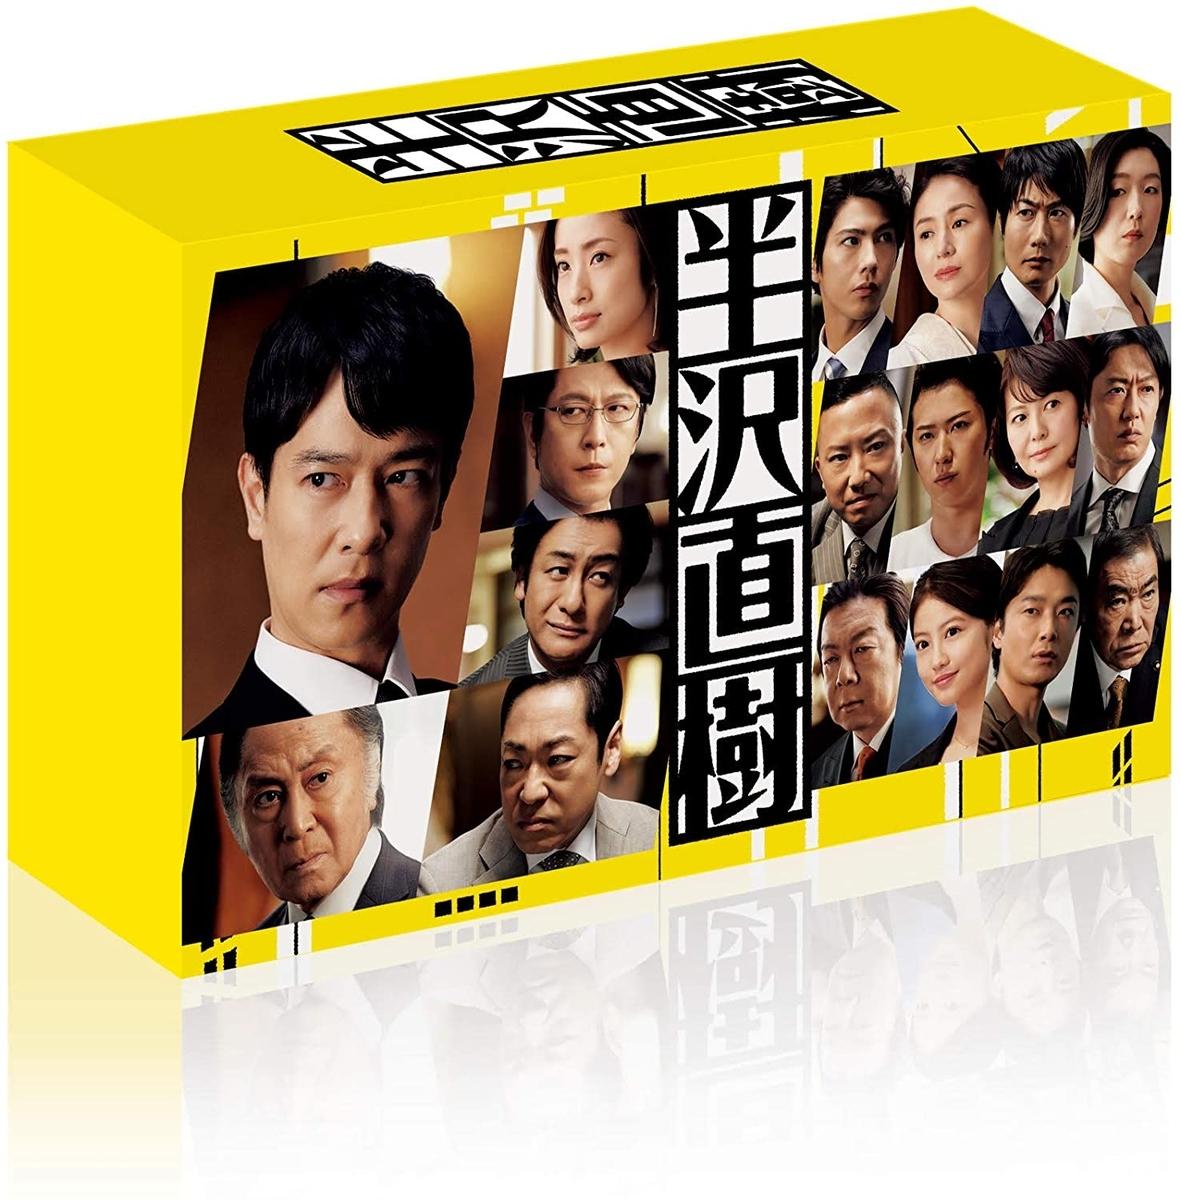 『半沢直樹(2020年版)ディレクターズカット版』DVD-BOX、TCエンタテインメント、2021年